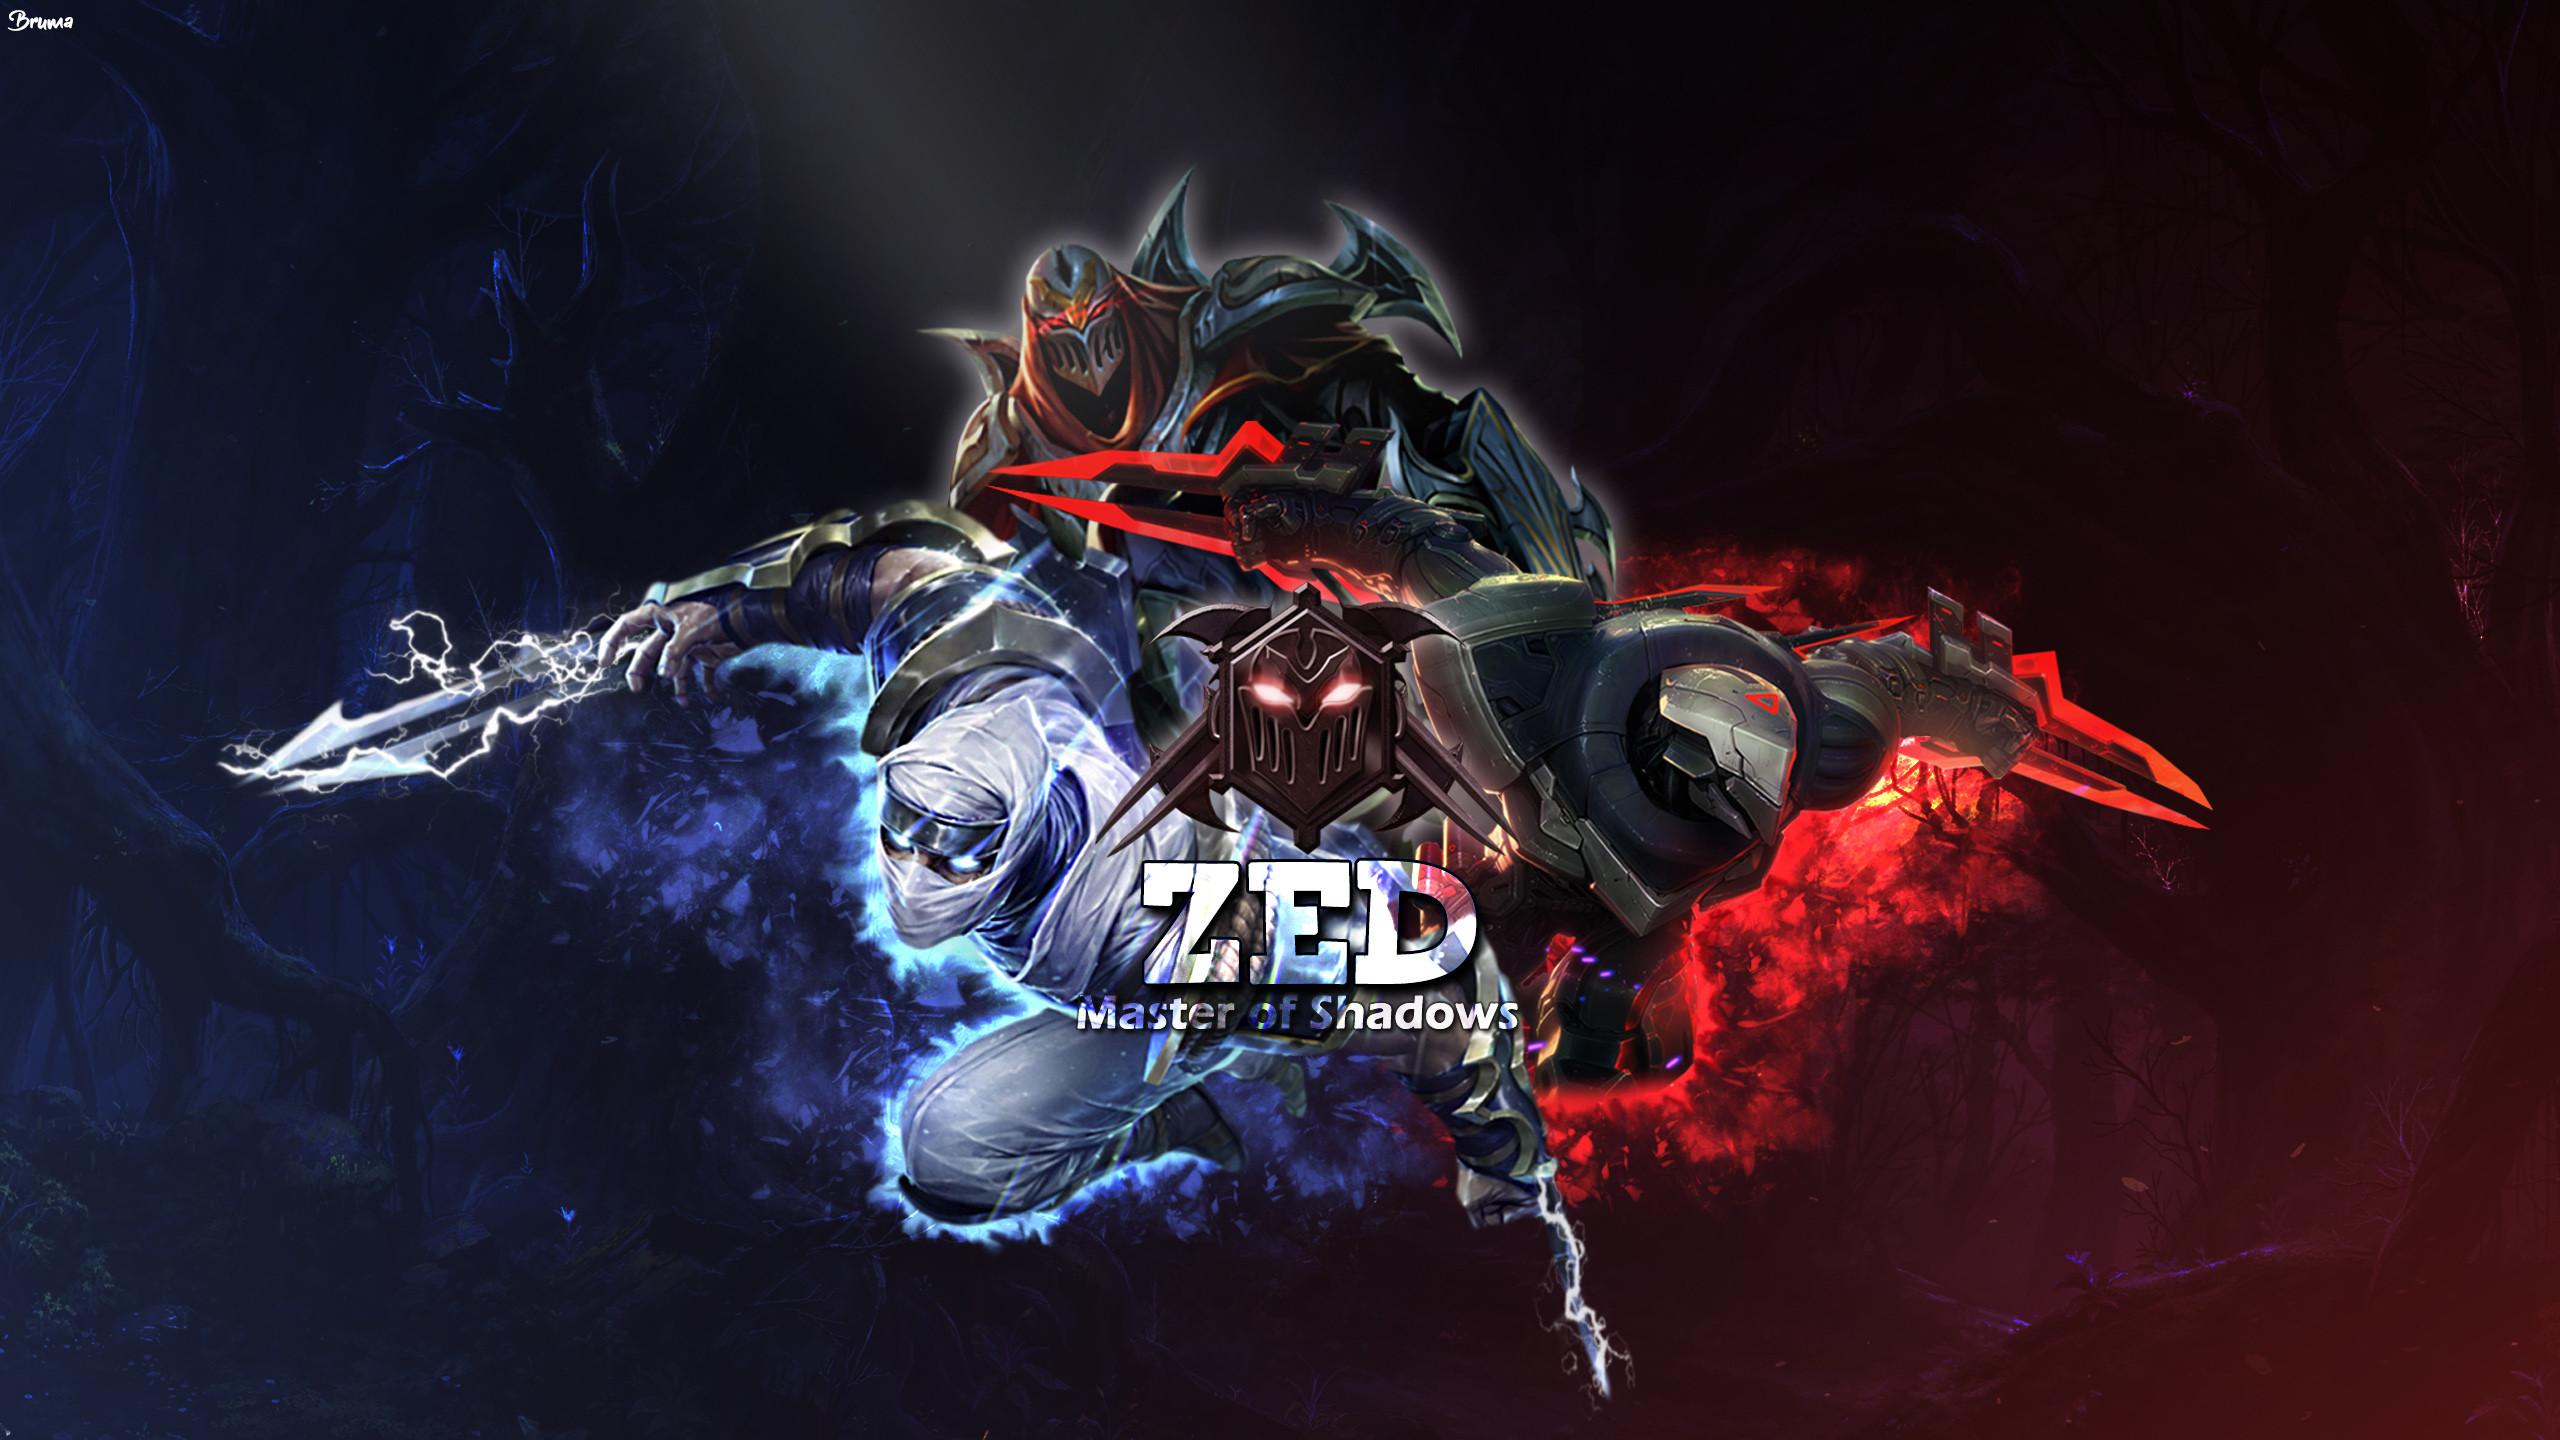 PROJECT Zed & Shockblade Zed & Classic Zed by Brumskyy HD Wallpaper Fan Art  Artwork League